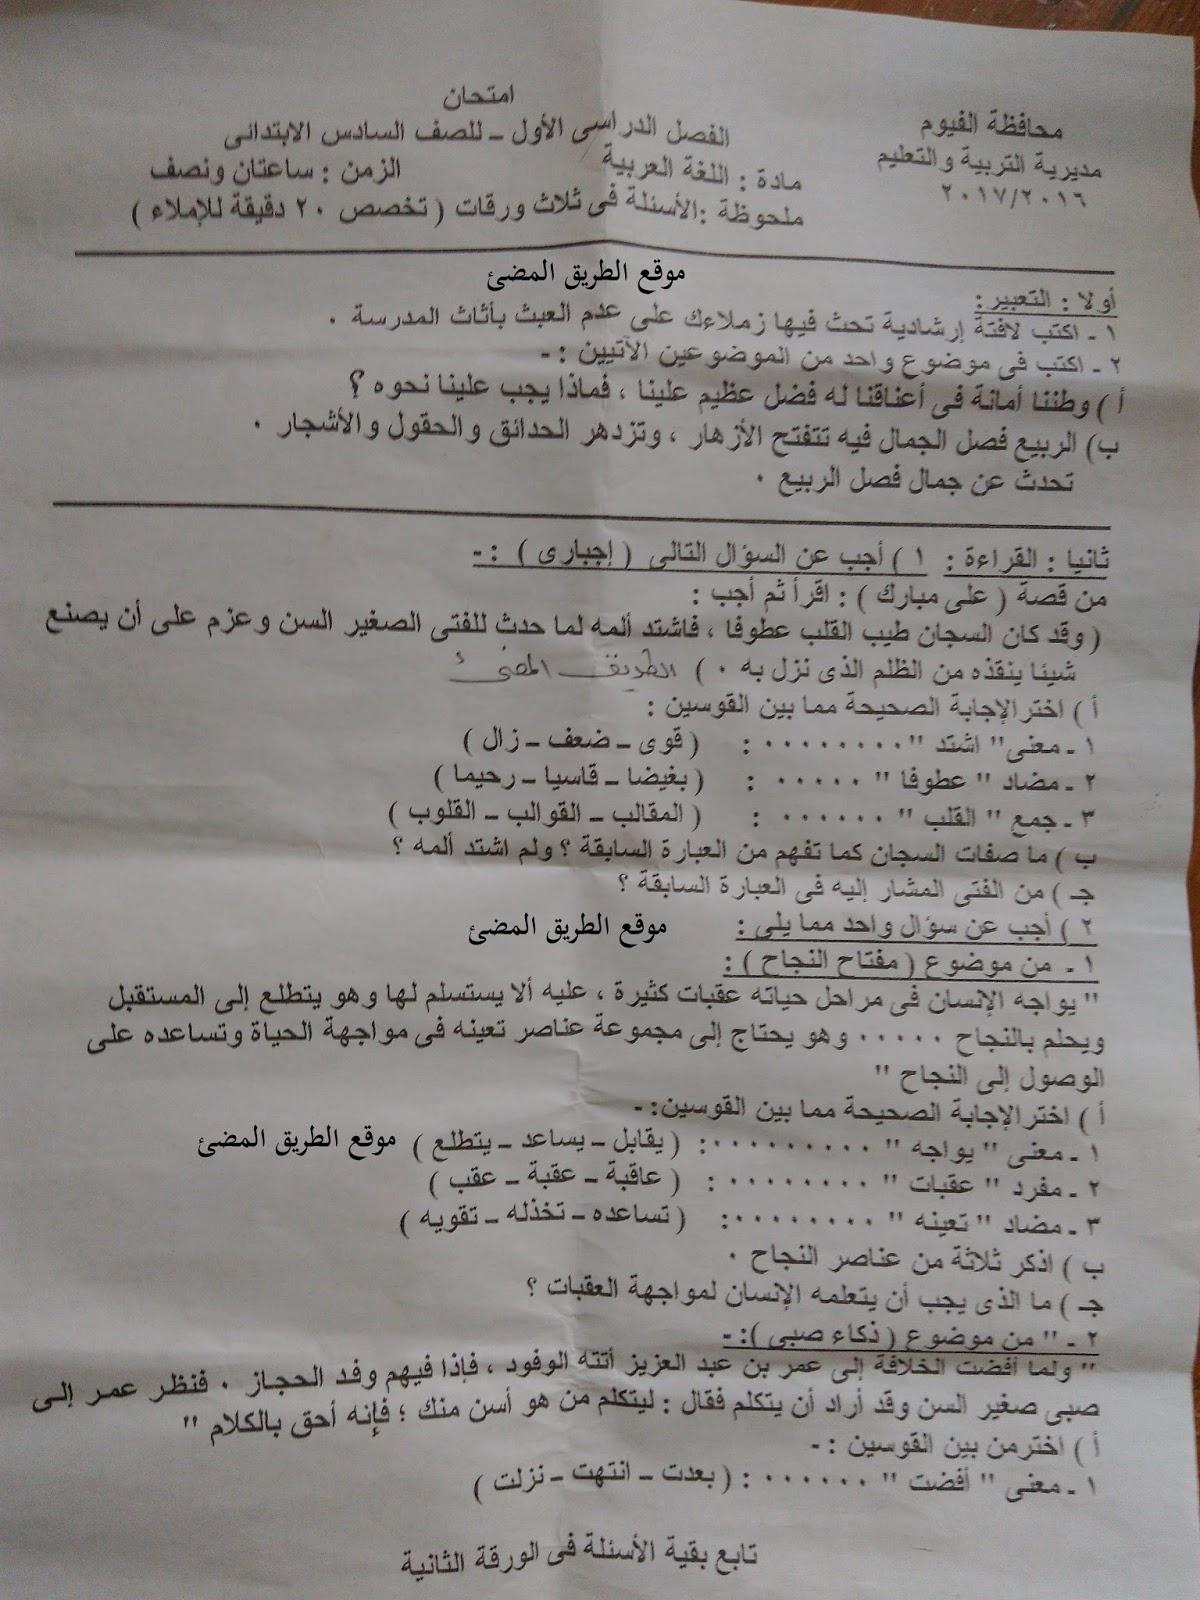 حمل امتحان نصف العام الرسمى فى اللغة العربية الصف السادس الابتدائى محافظة الفيوم 2017